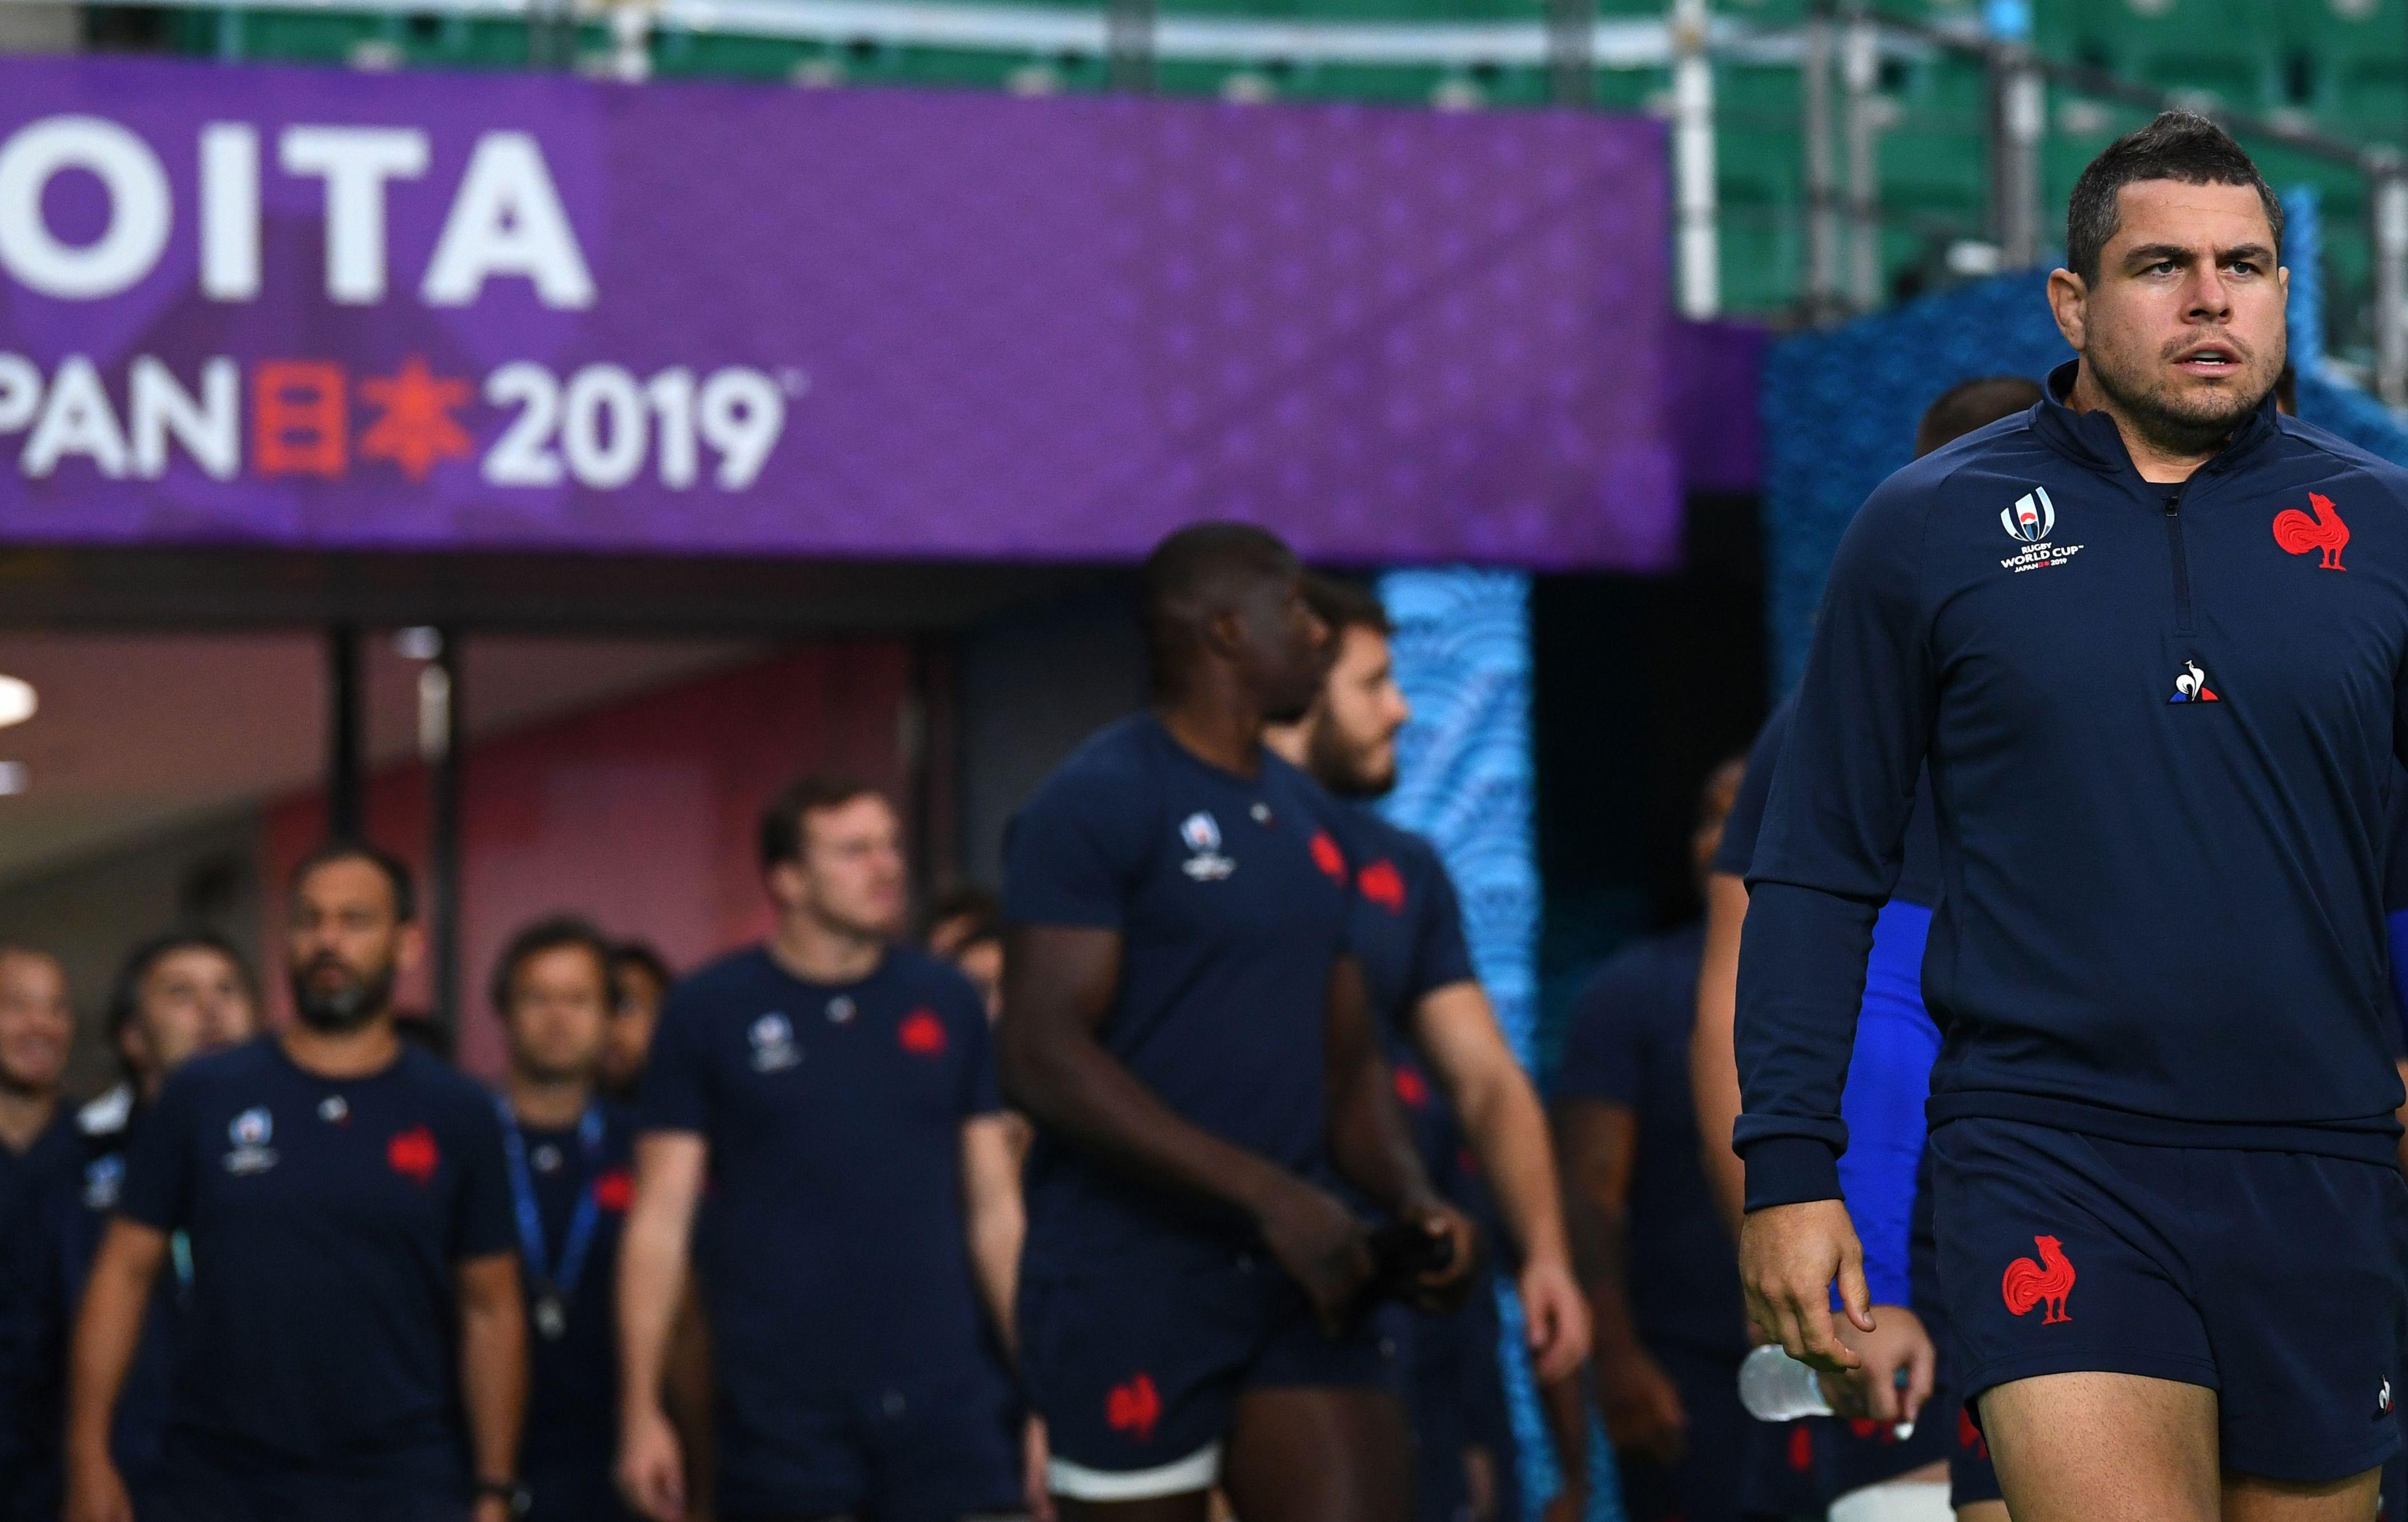 Rugby - Coupe du monde 2019 - La conf' des capitaines du XV de France : «On aborde ce quart avec beaucoup d'appréhension»